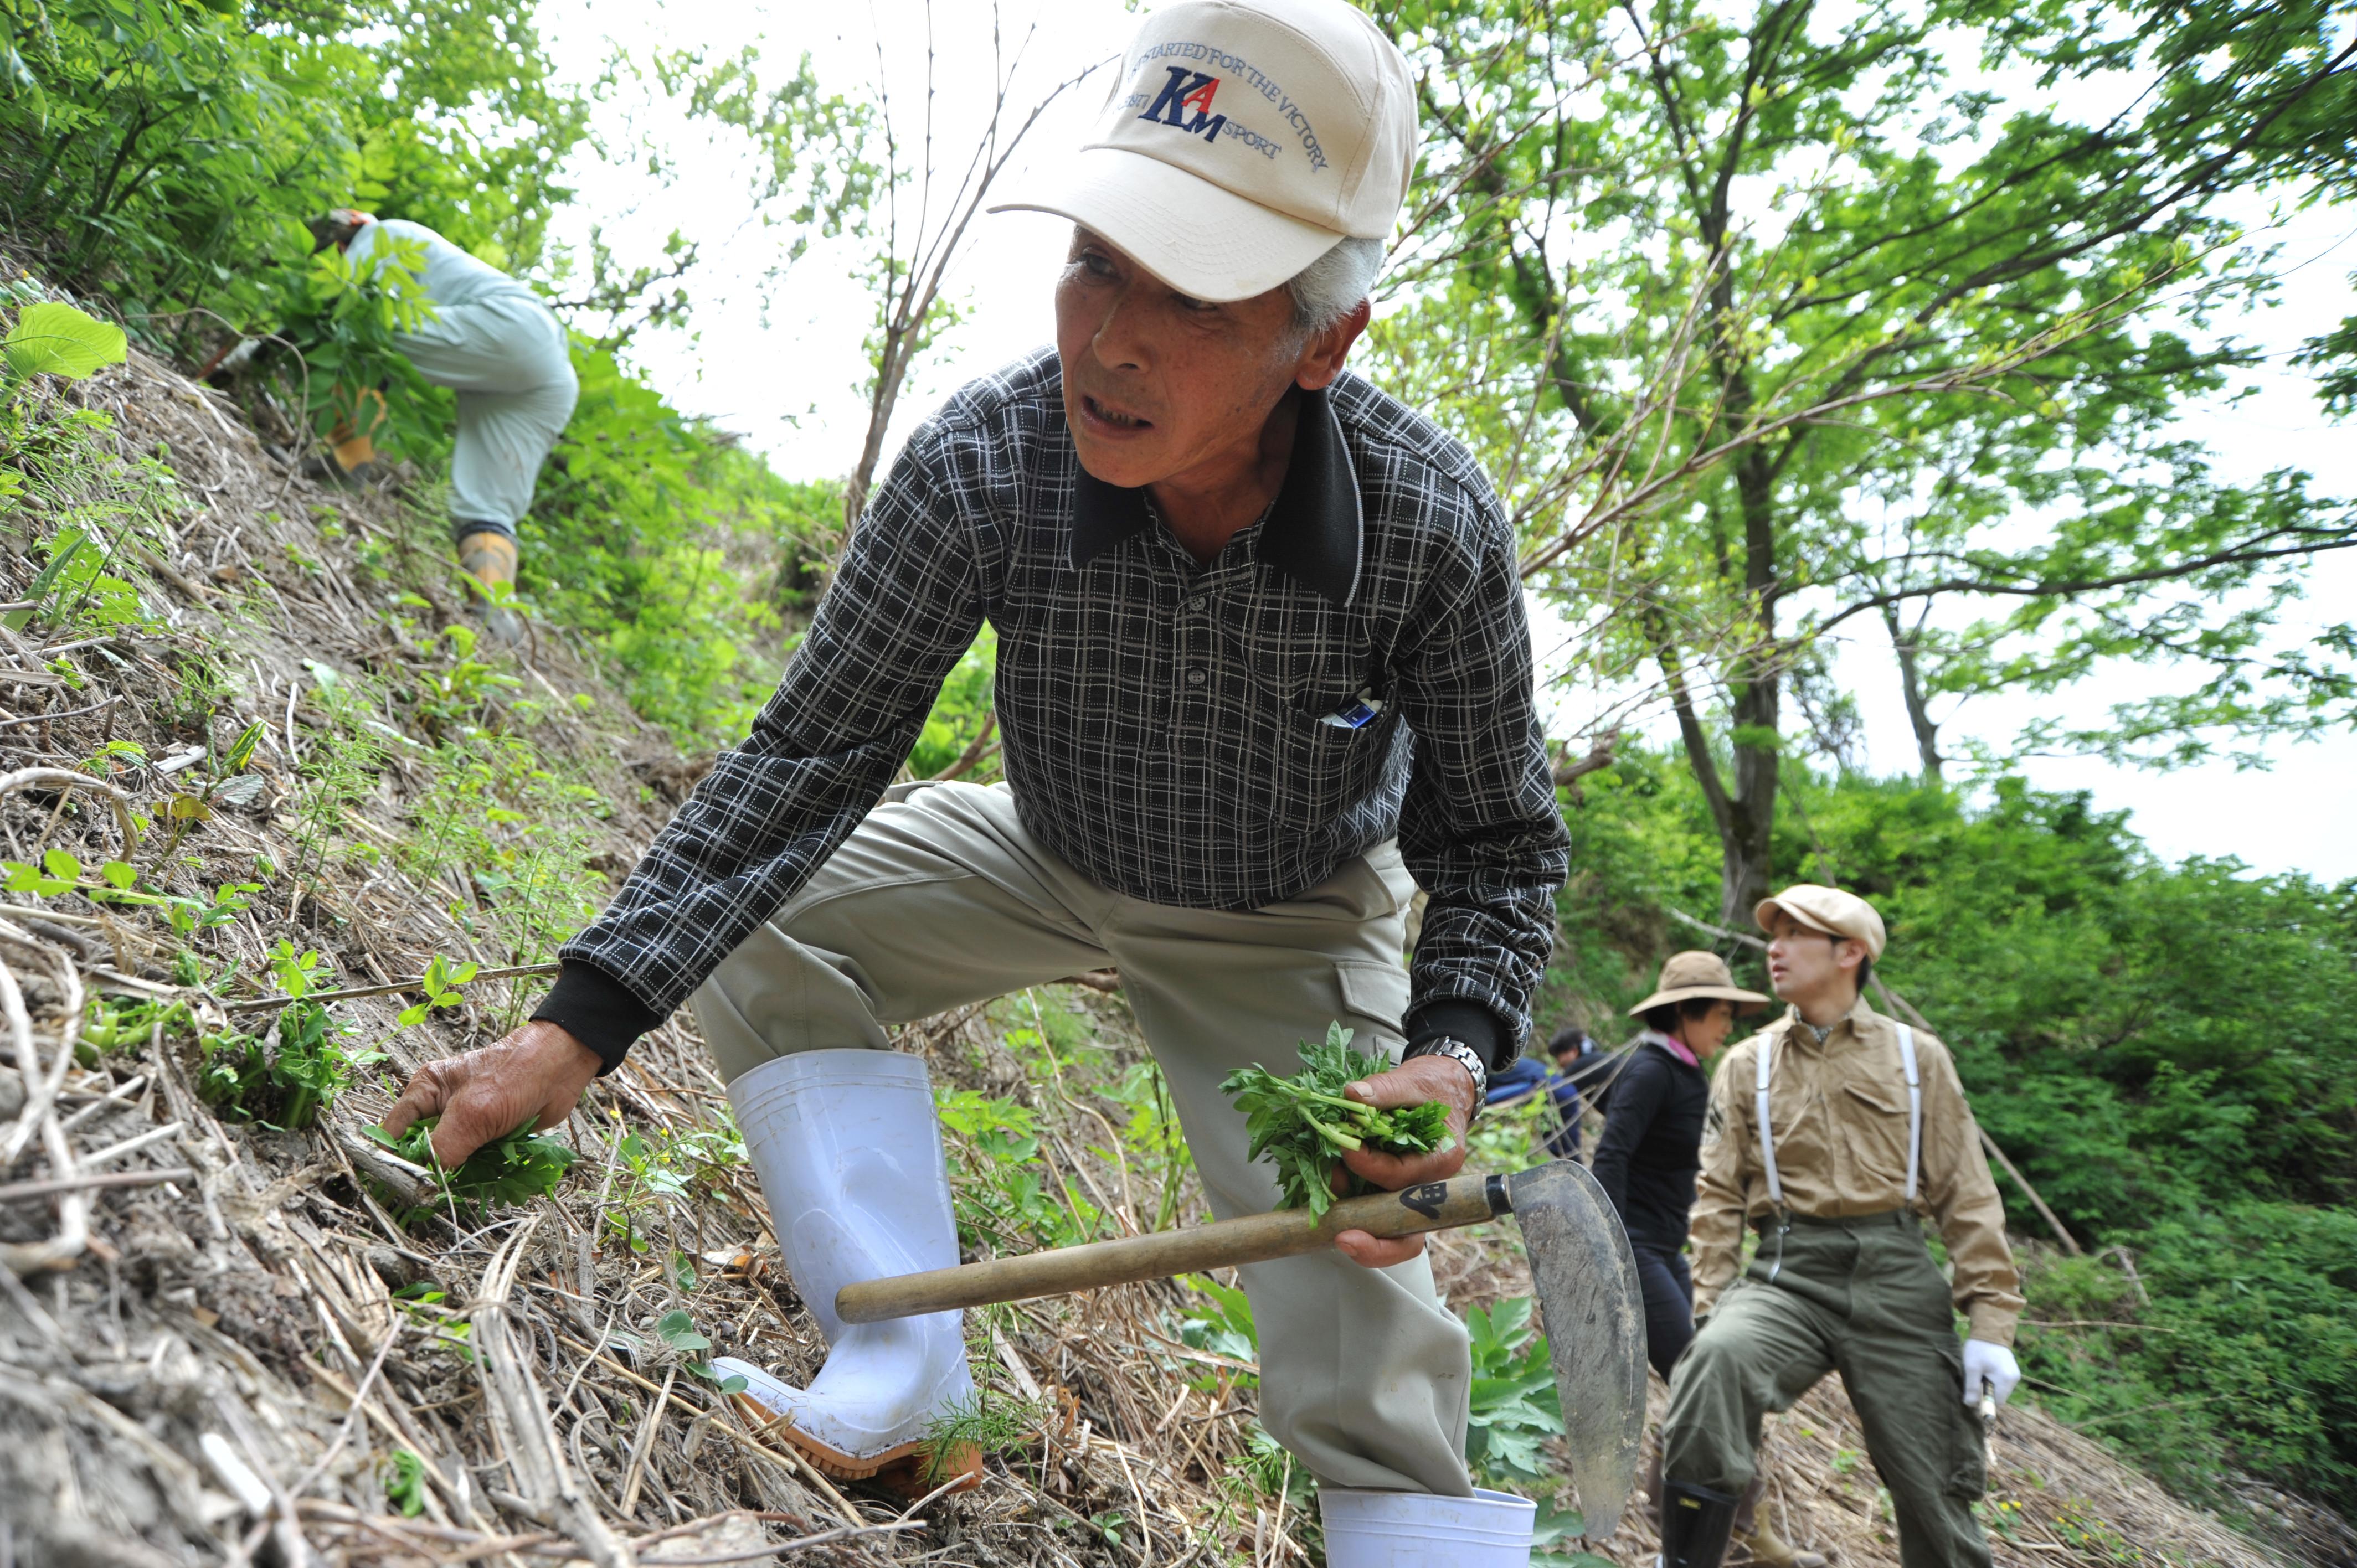 山の匠に教わる、人気の山修行・実践型インターン。山菜採りから狩猟まで山での暮らしを体験できる。